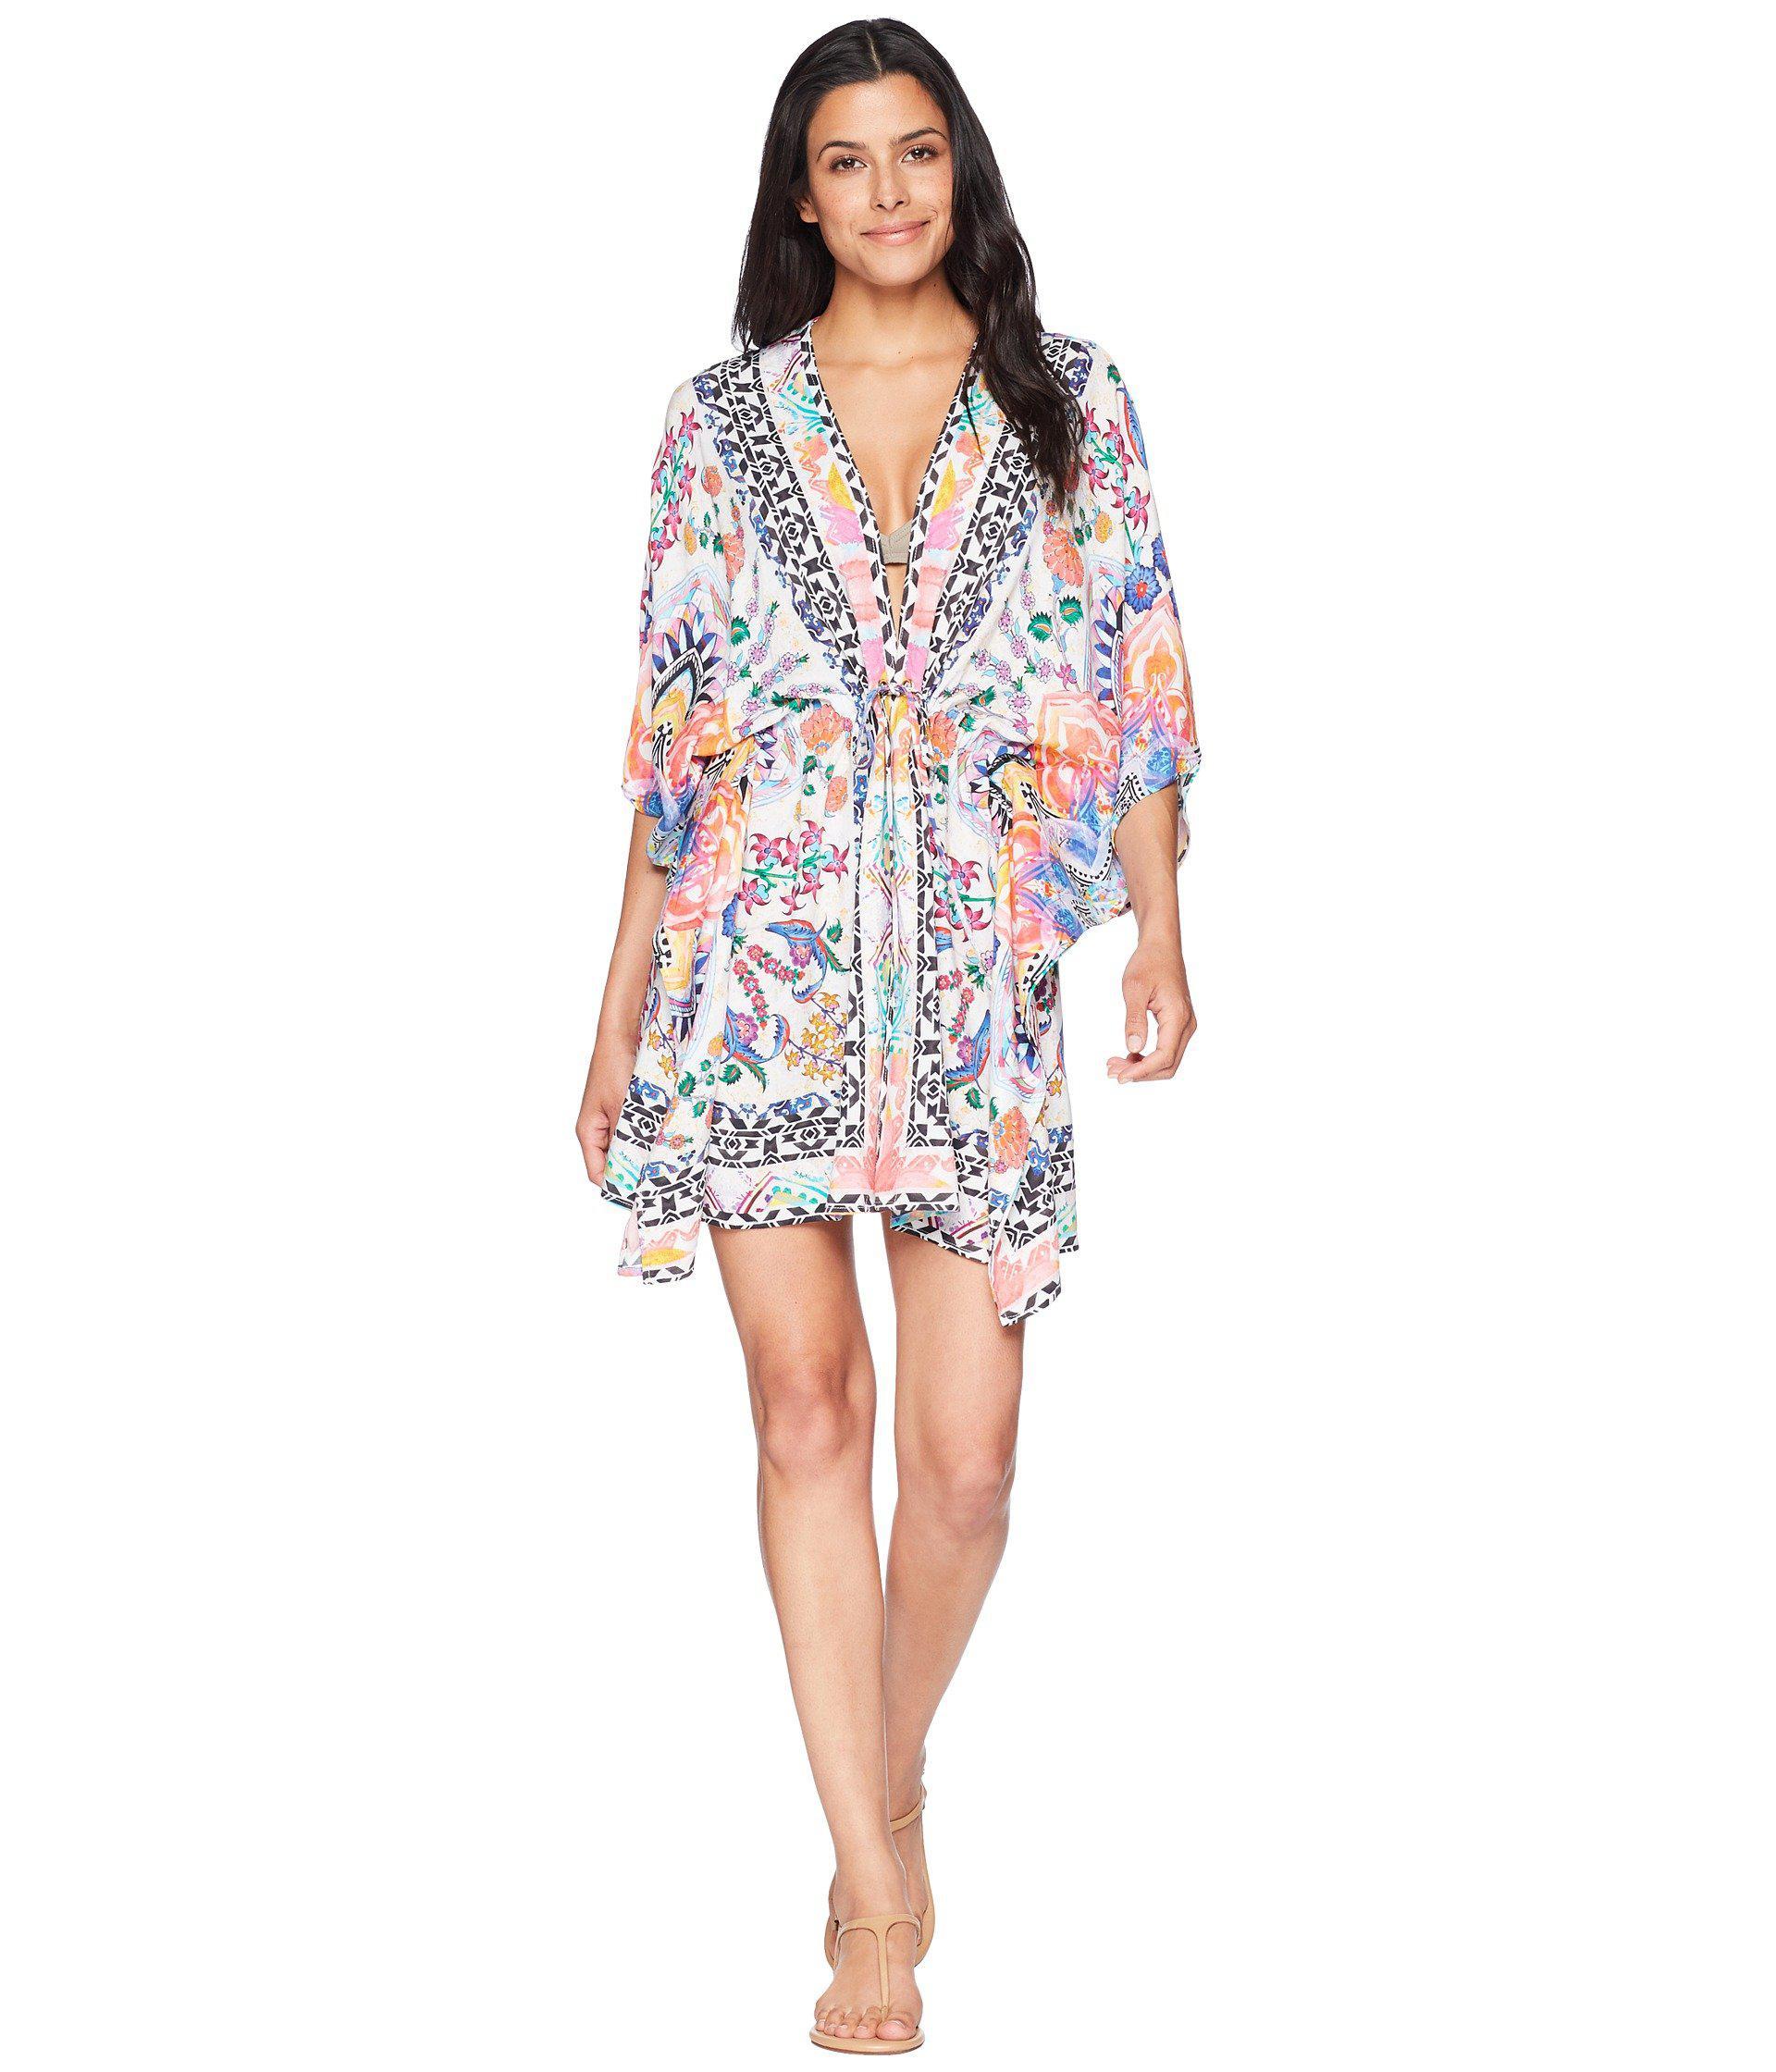 c6921a6561 La Blanca Majorca Kimono Cover-up (multi) Women's Swimwear - Lyst